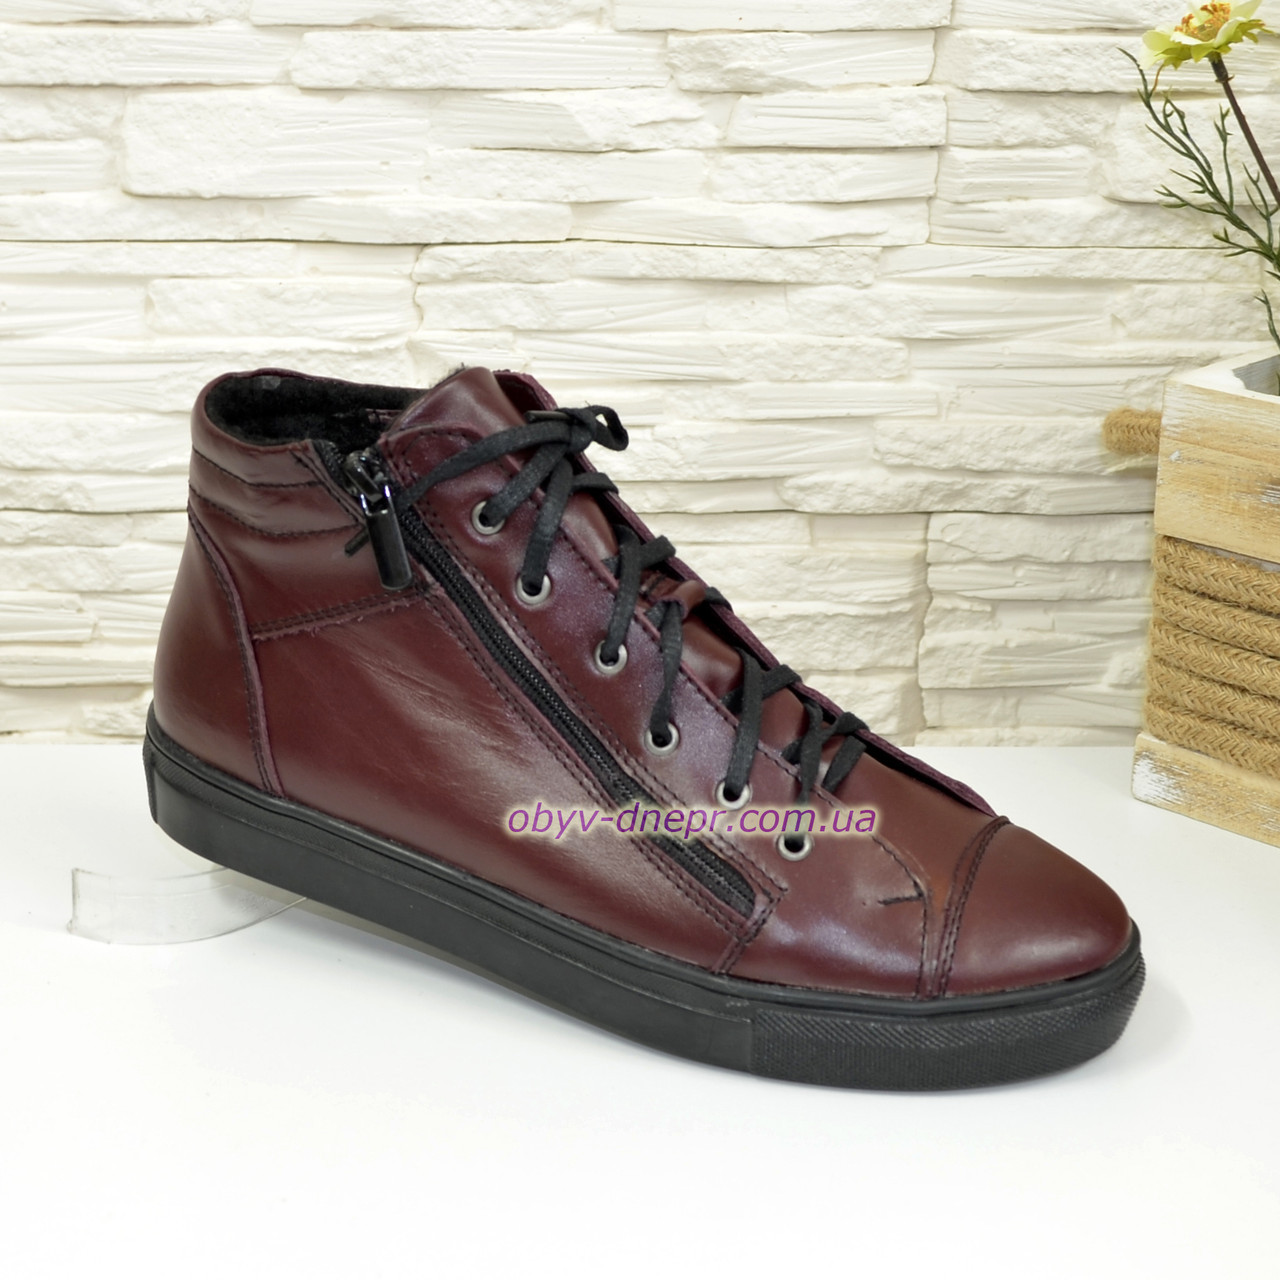 Женские демисезонные ботинки, из натуральной кожи бордового цвета, на плоской подошве